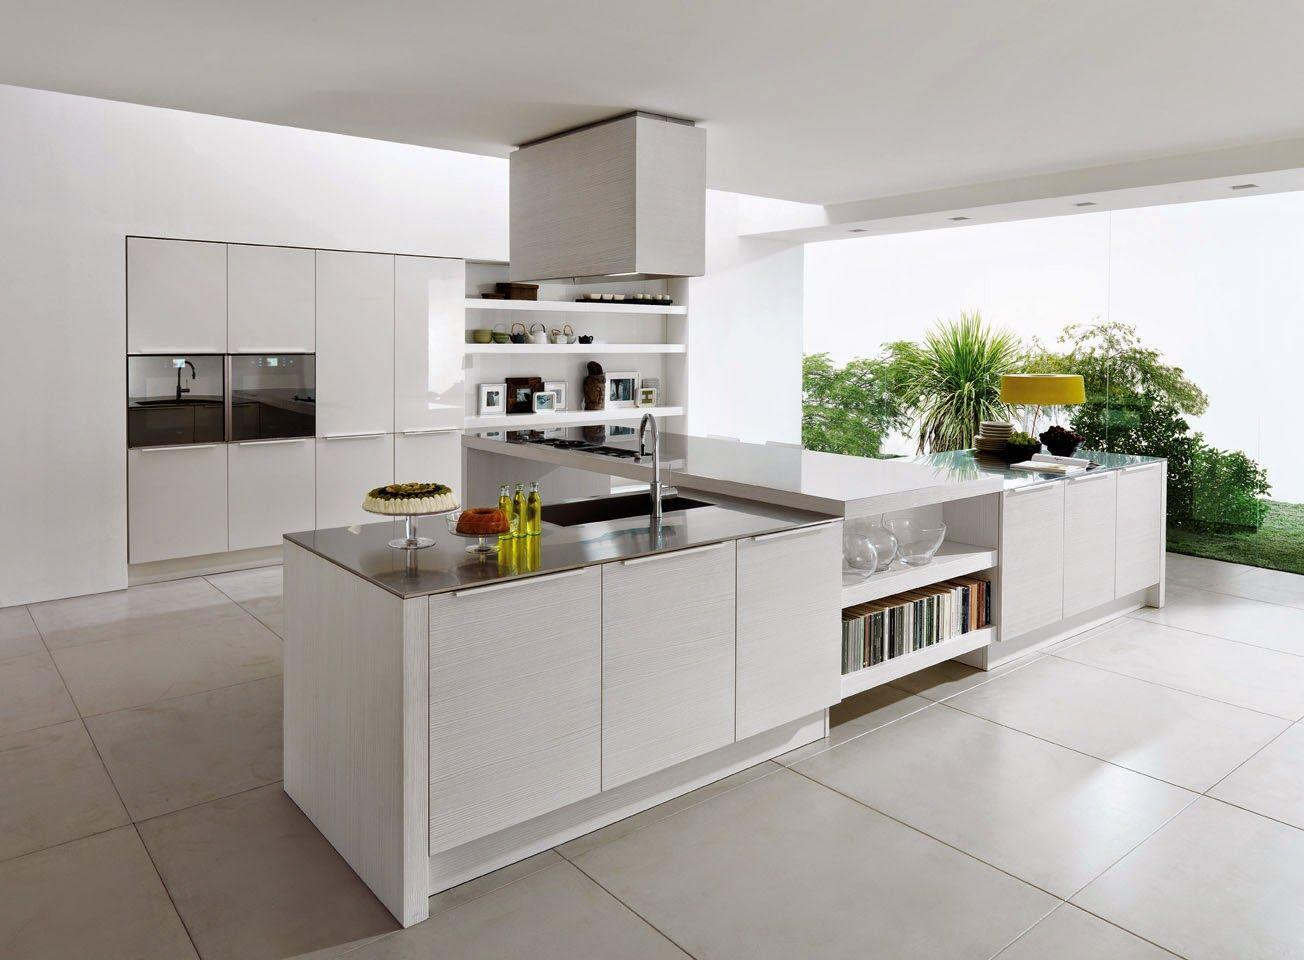 Cocina de amplias dimensiones elegante y moderna | Hogar 10 ...